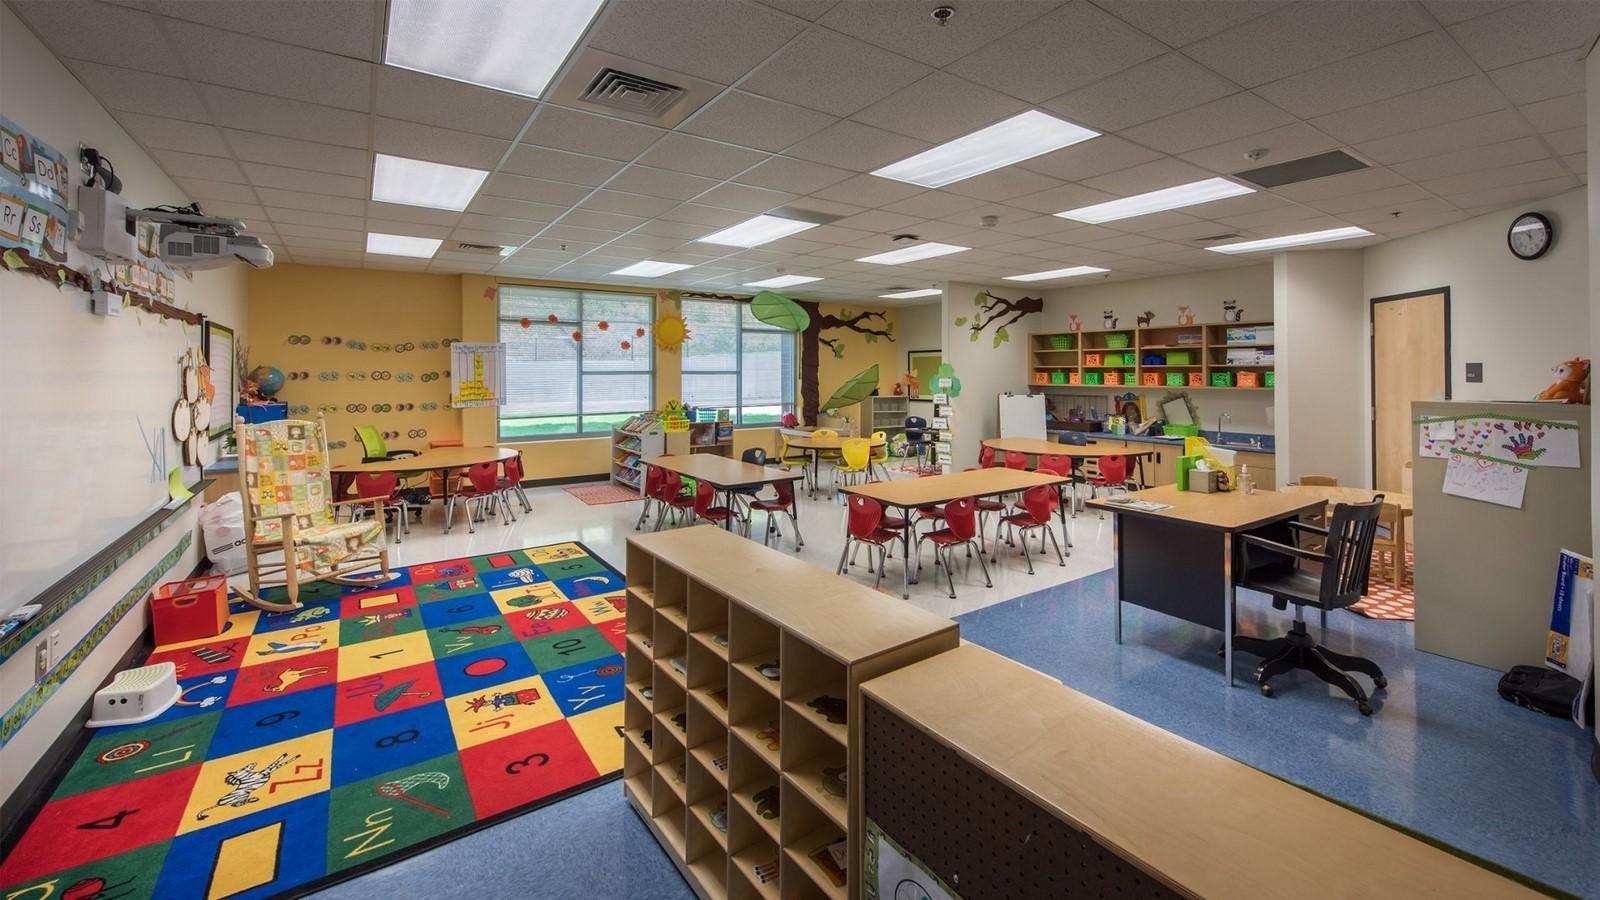 Heards Ferry Elementary School - Sheet4